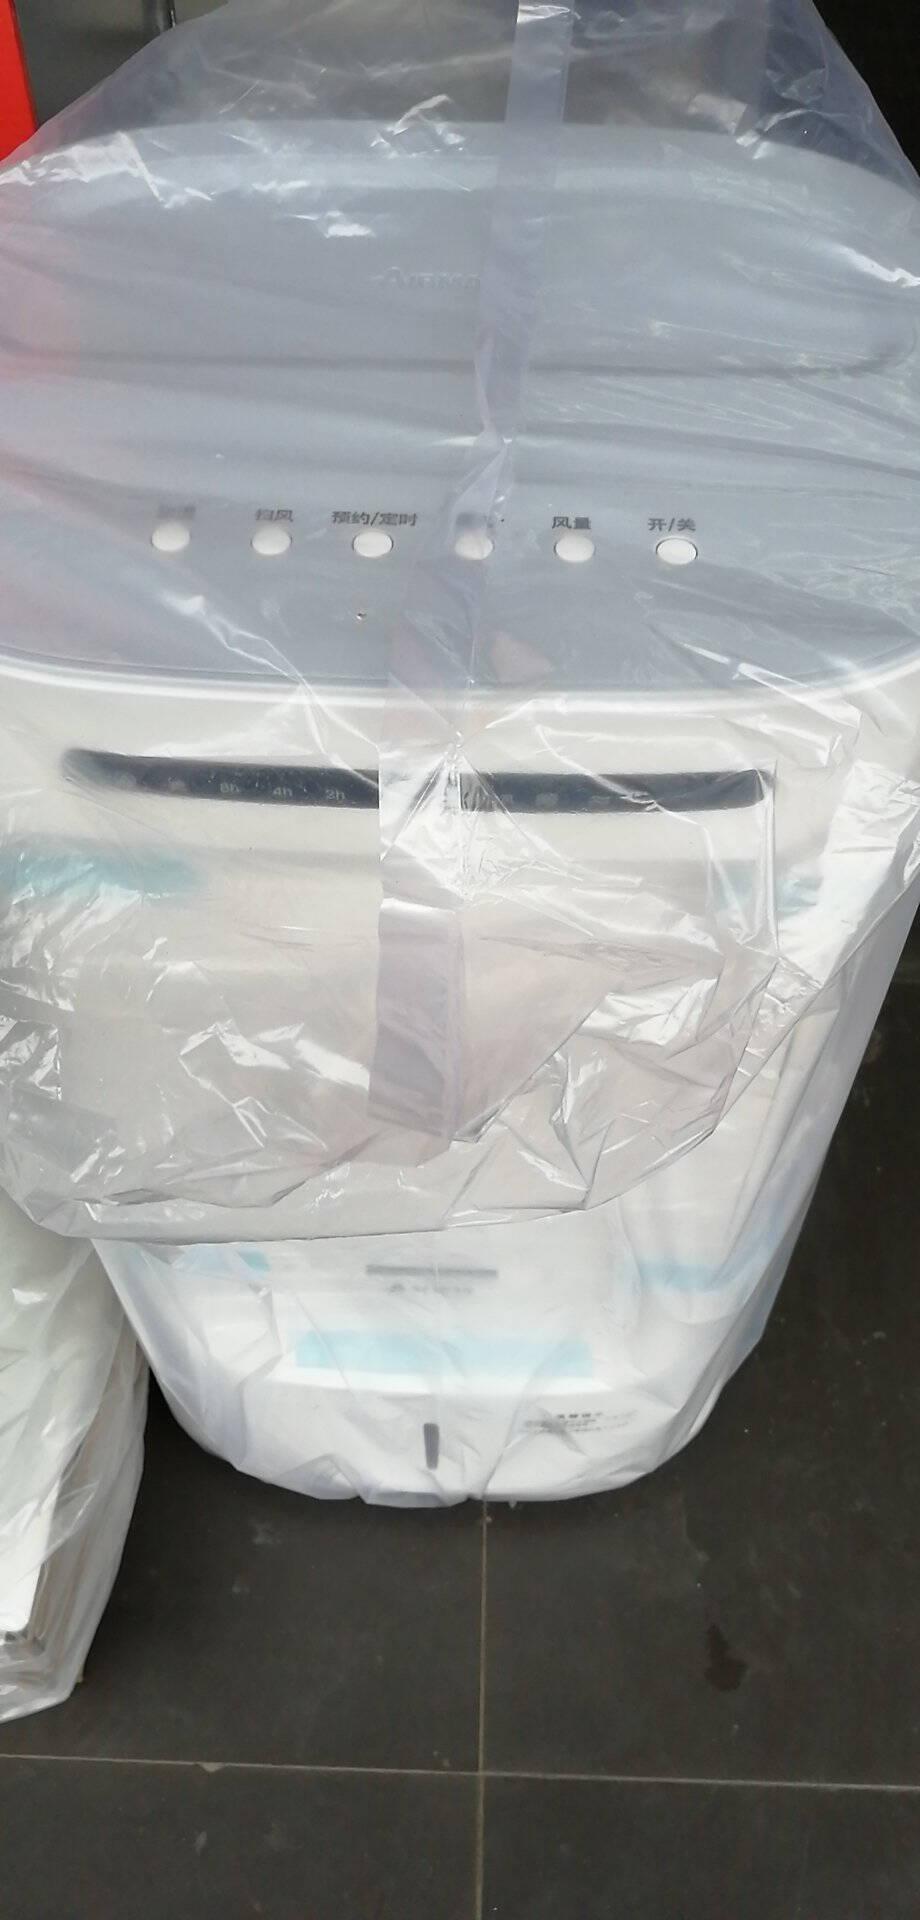 艾美特(AIRMATE)电风扇遥控冷风扇家用空调扇大容量移动冷风机CF729R